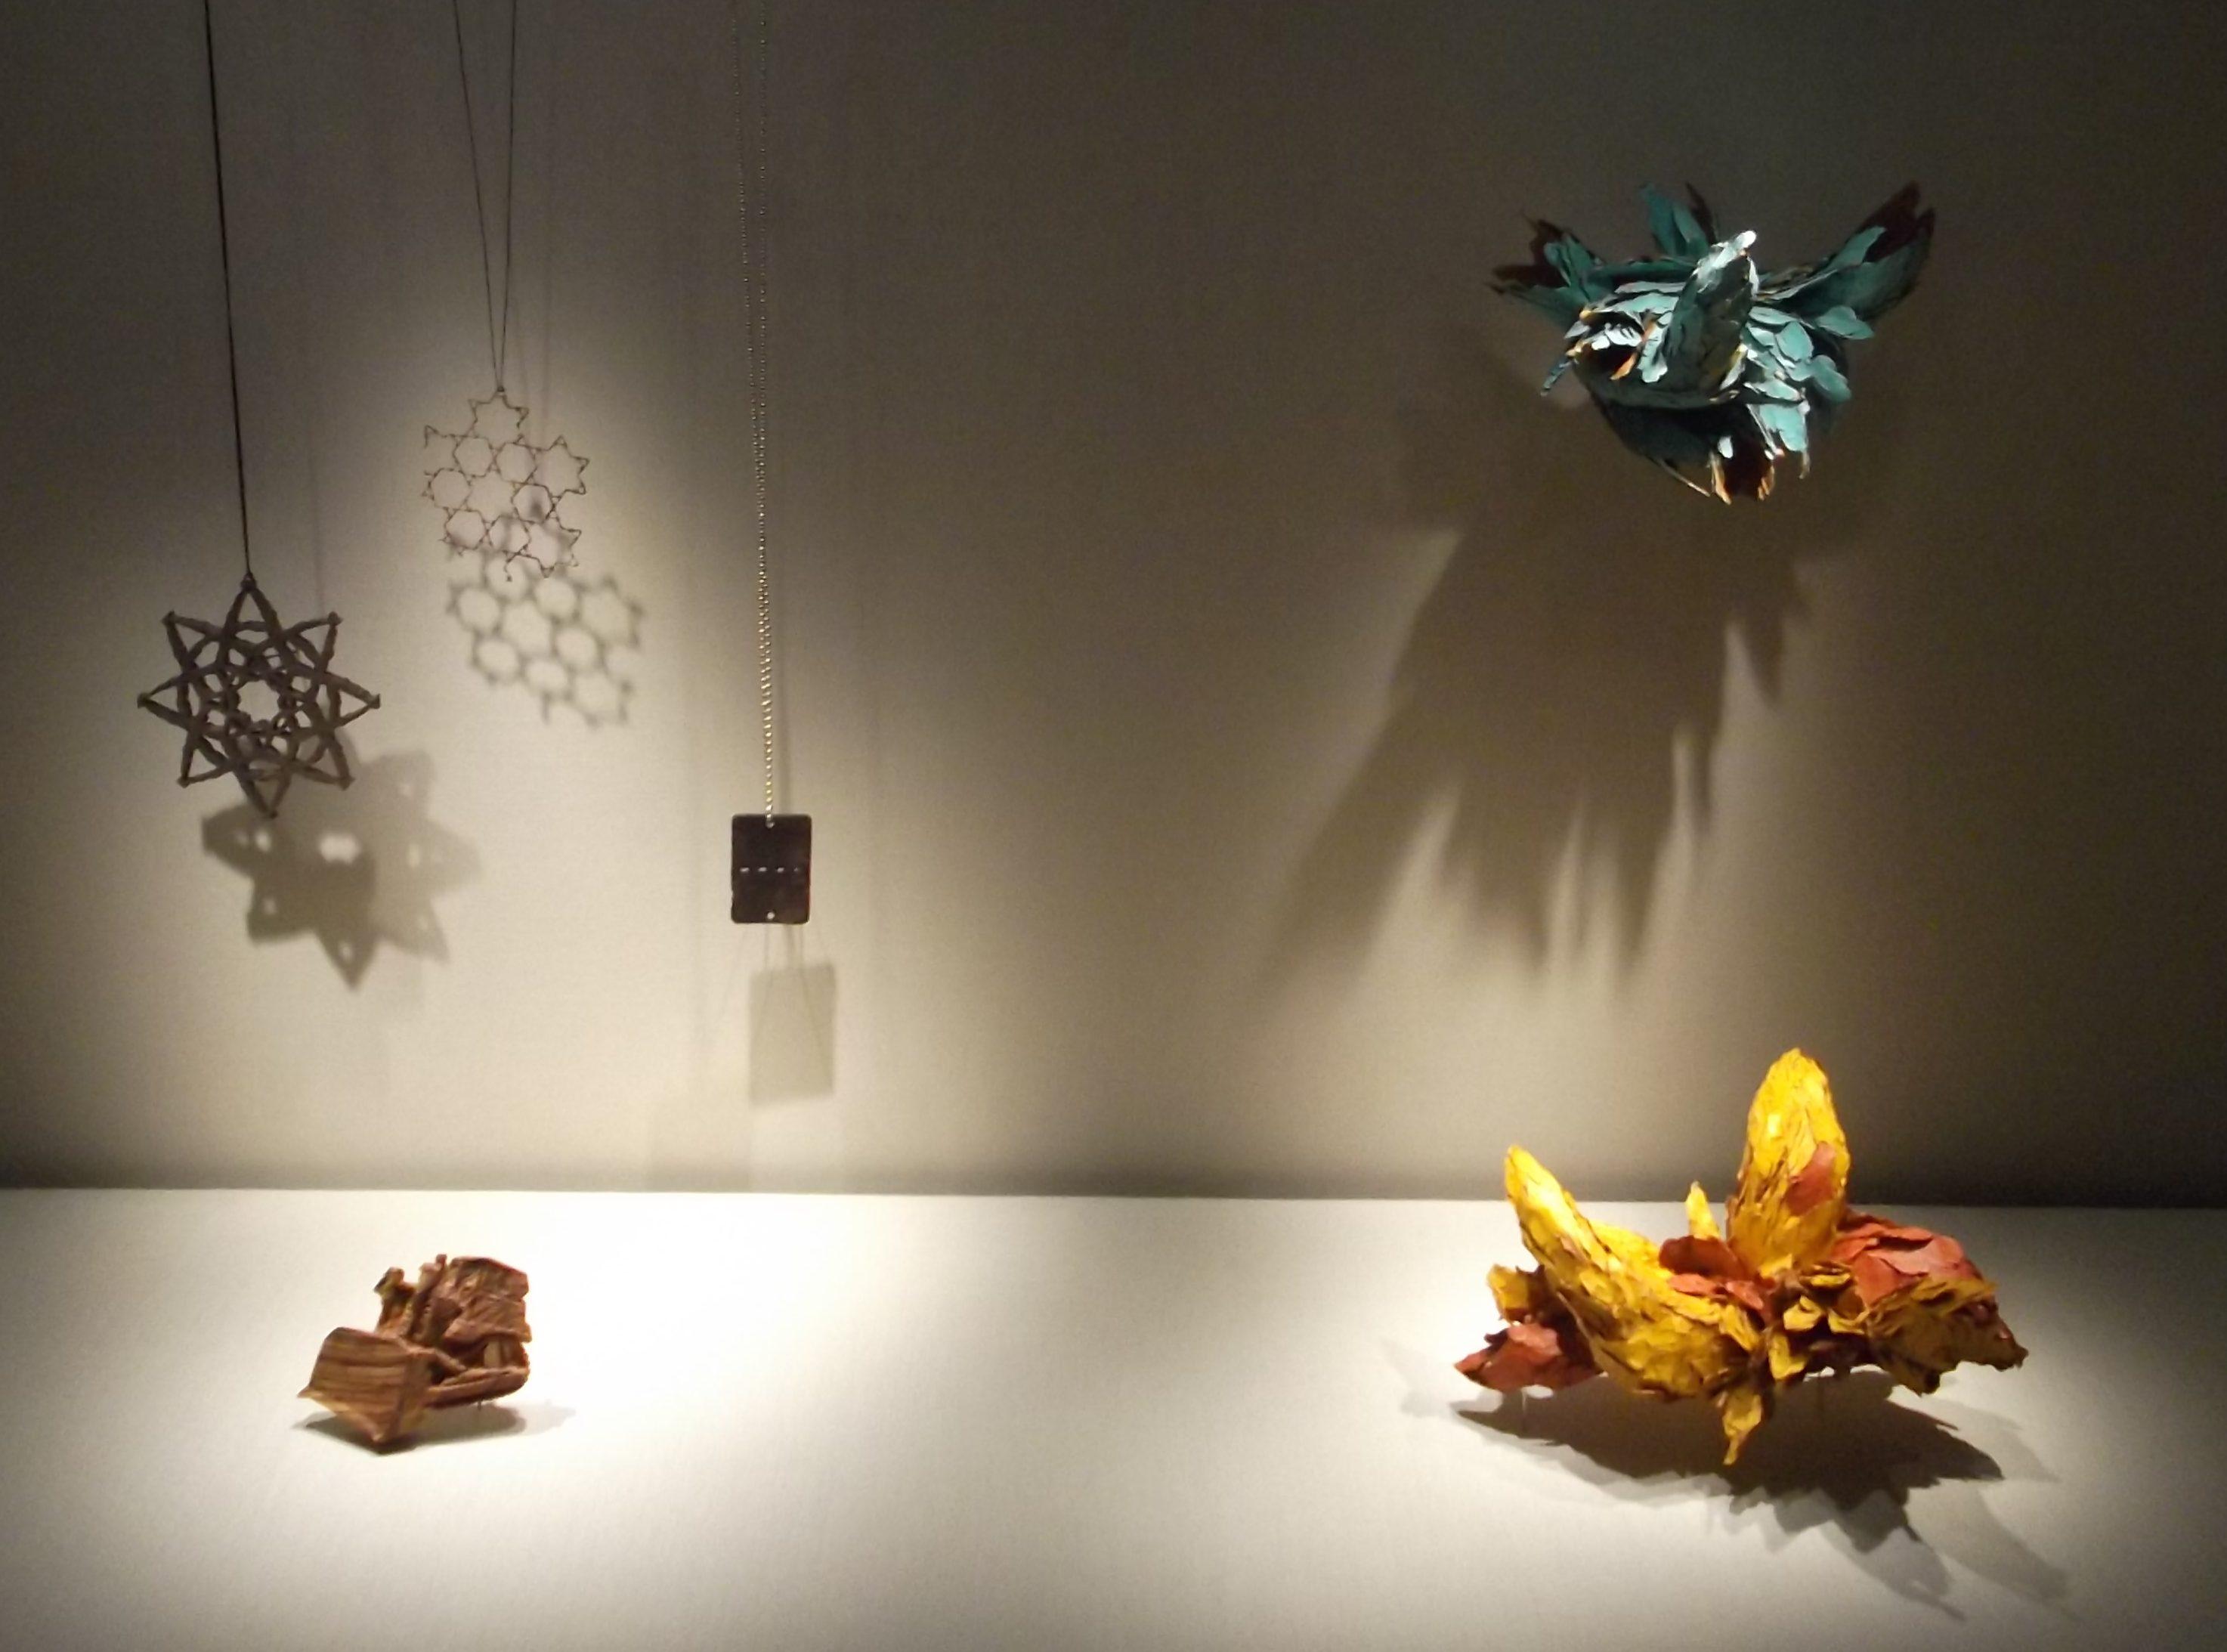 Attai Chen. Transit, Schmuckmuseum Pforzheim, 2012. Foto Jürgen Eickhoff, tentoonstelling, hout, nylon, zilver, olijvenhout, staal, papier